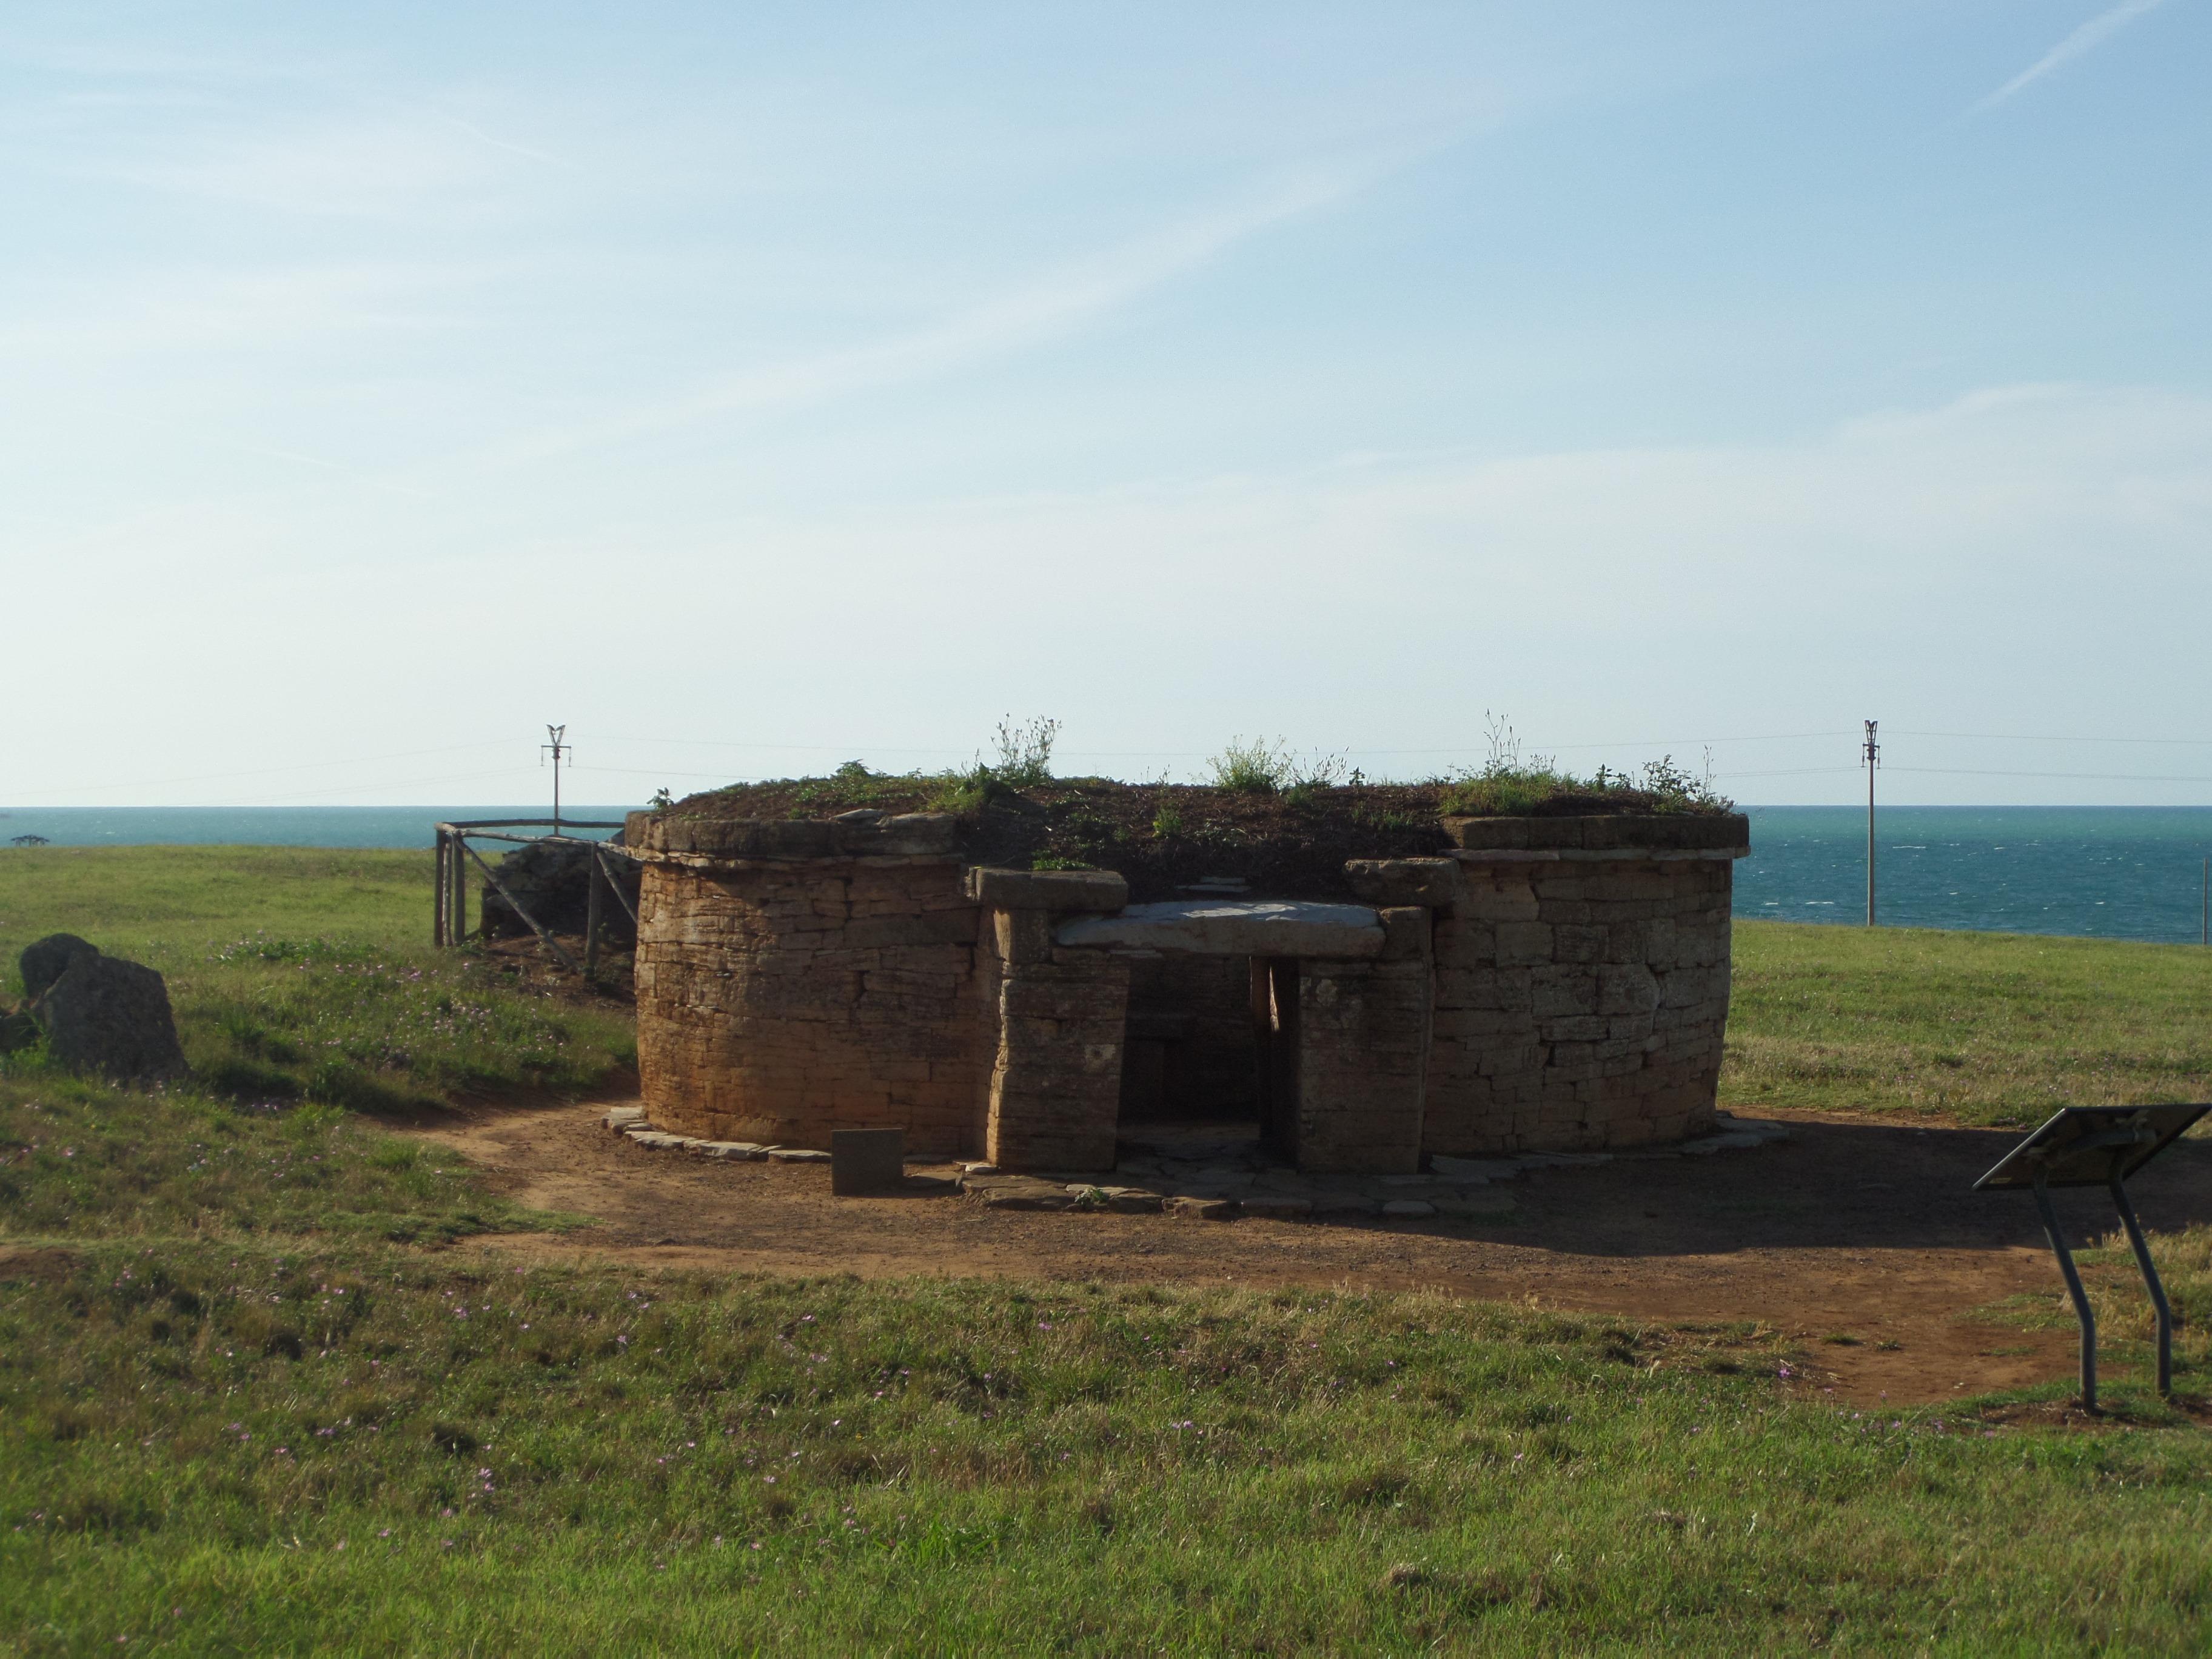 La tipica tomba circolare Etrusca visibile nel Parco Archeologico di Baratti e Populonia in Toscana